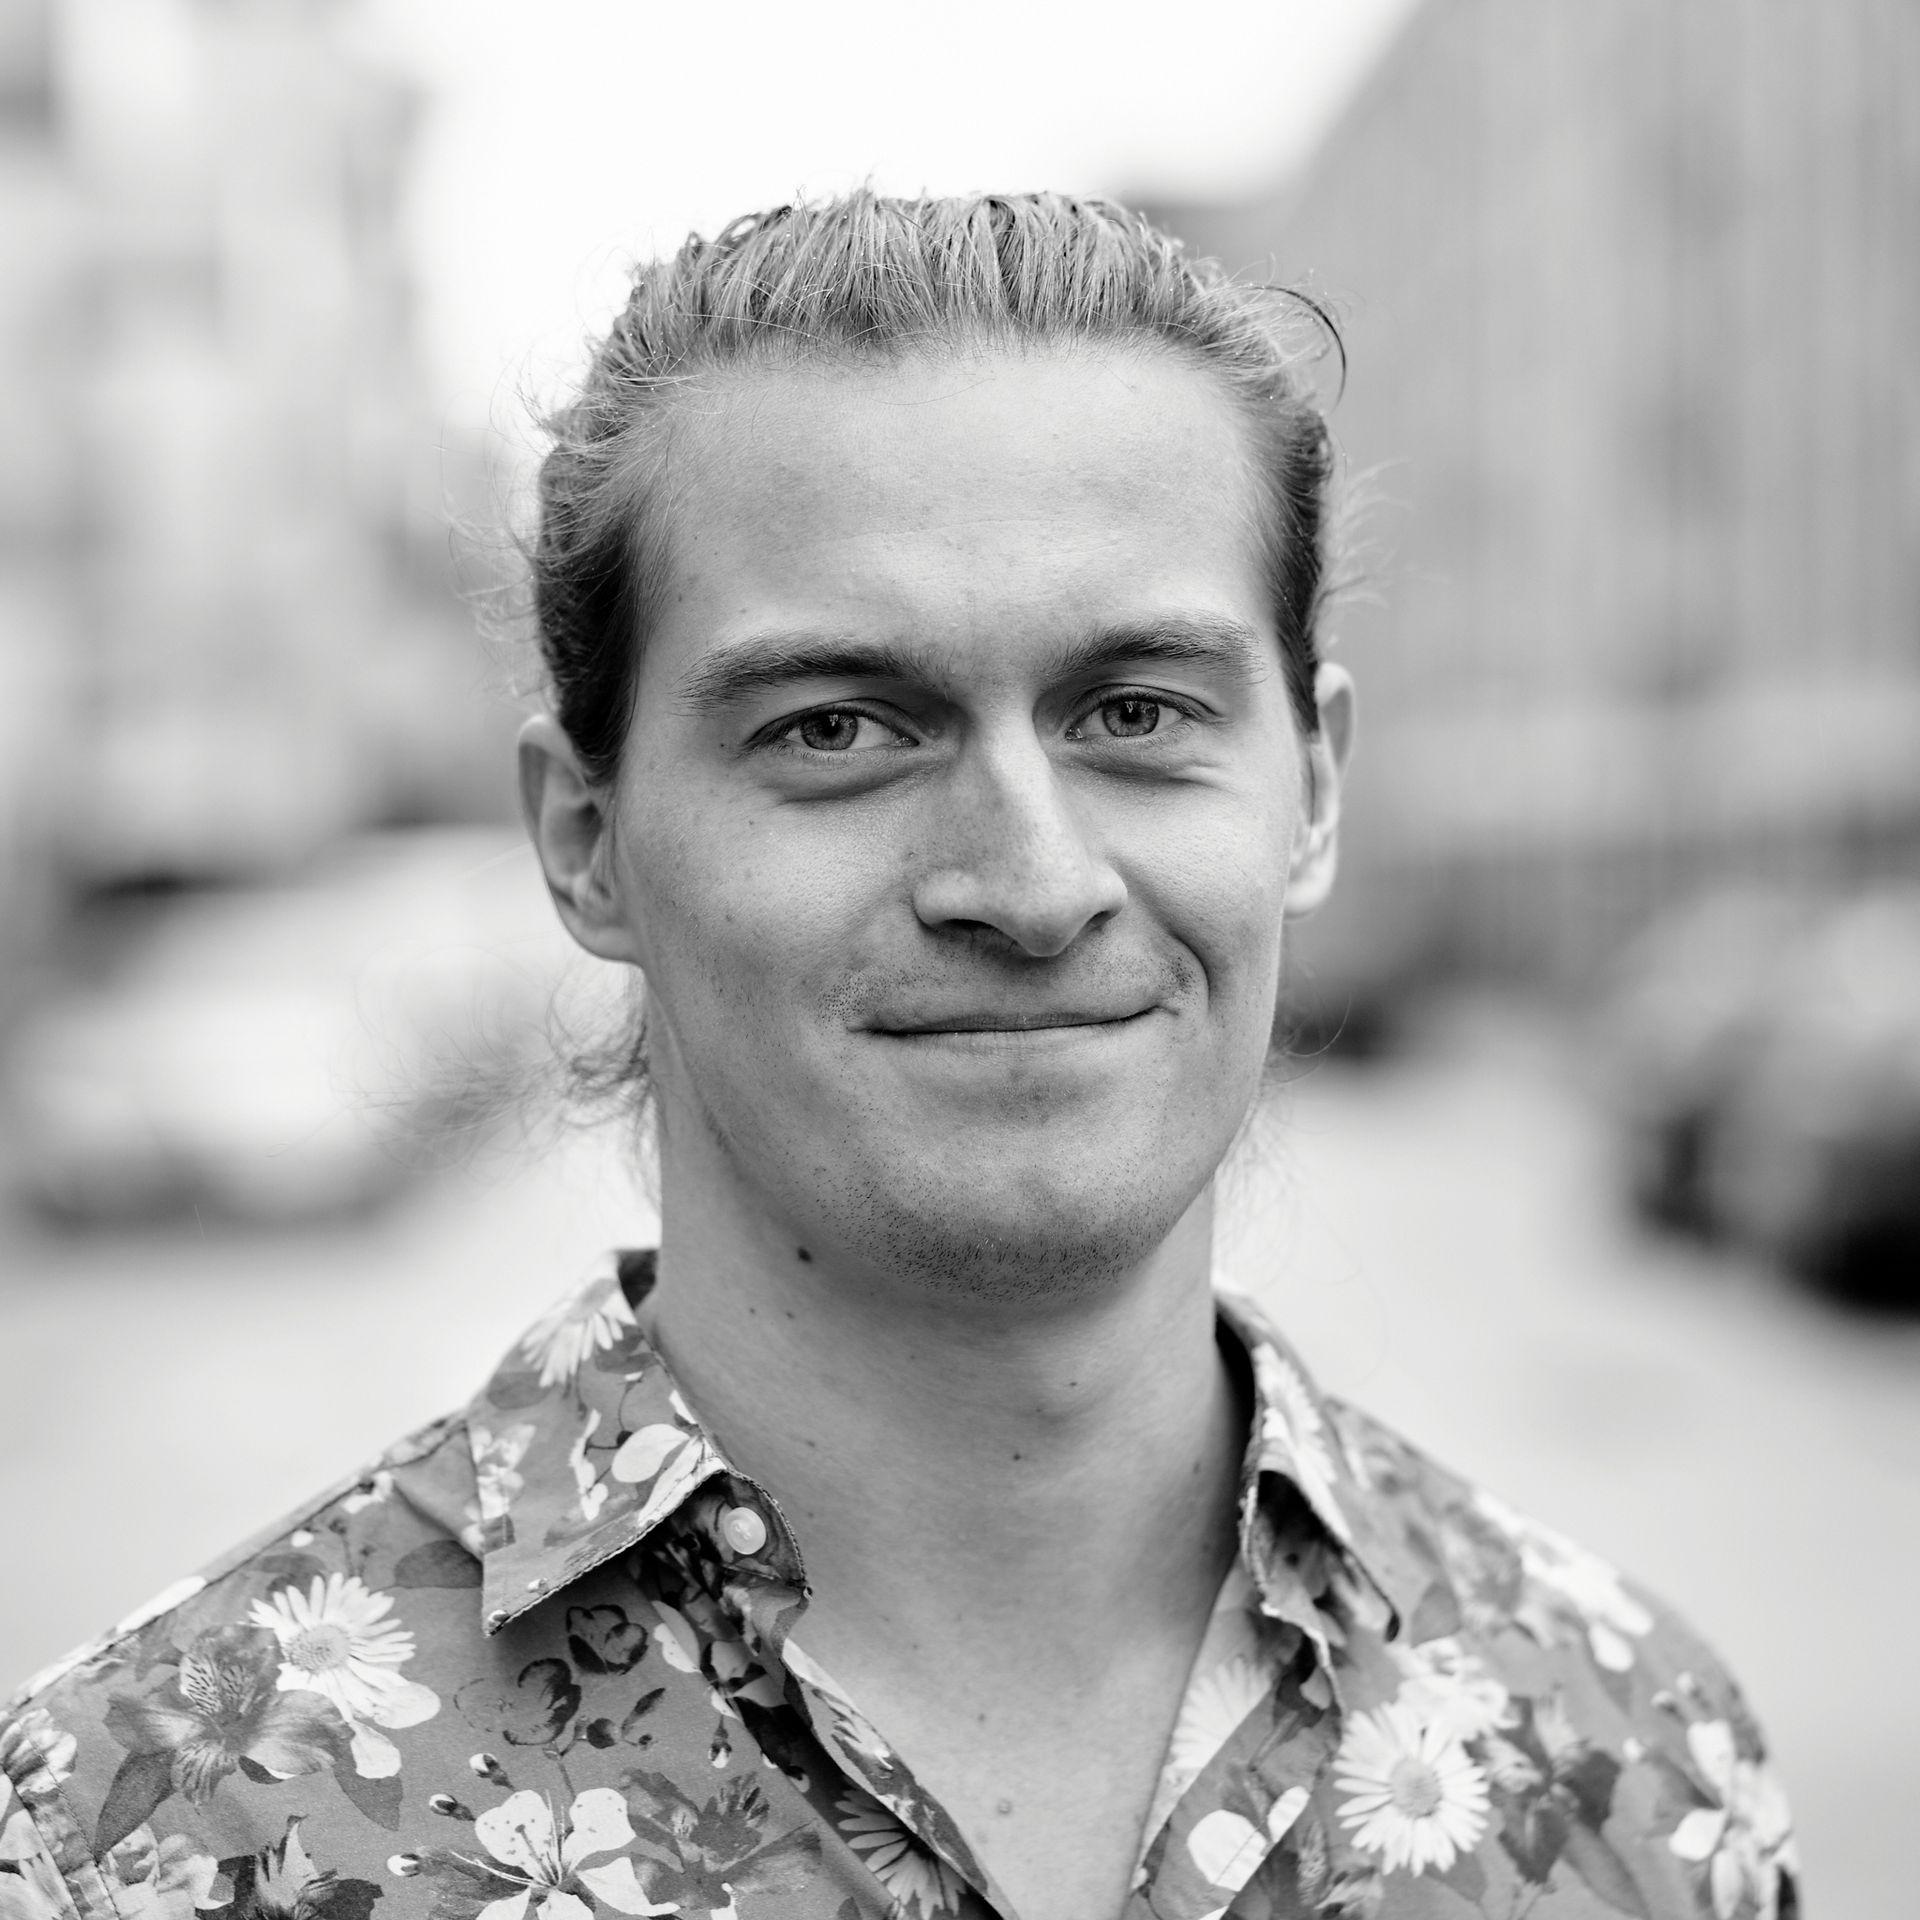 Rickard Friberg